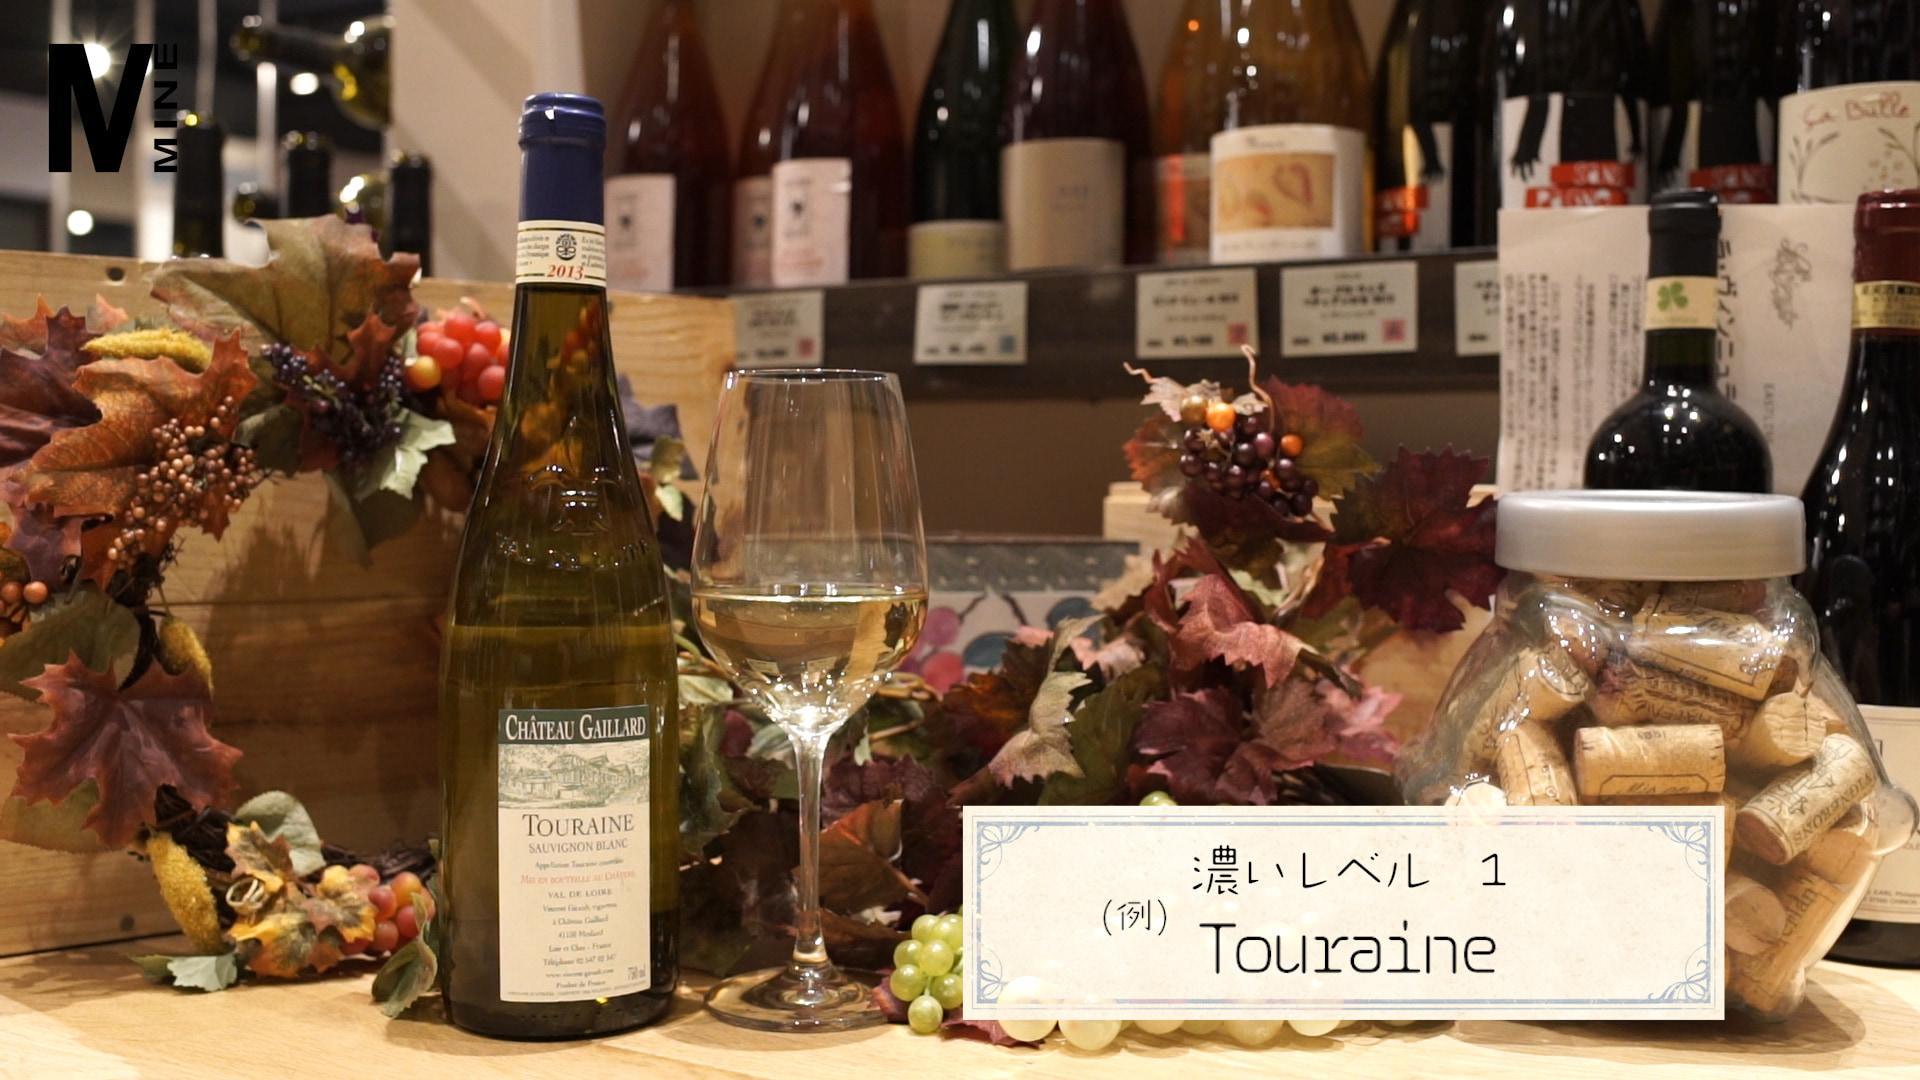 <自分でワインを選べるように!>白ワイン編Vol.1【ソーヴィニヨンブラン】